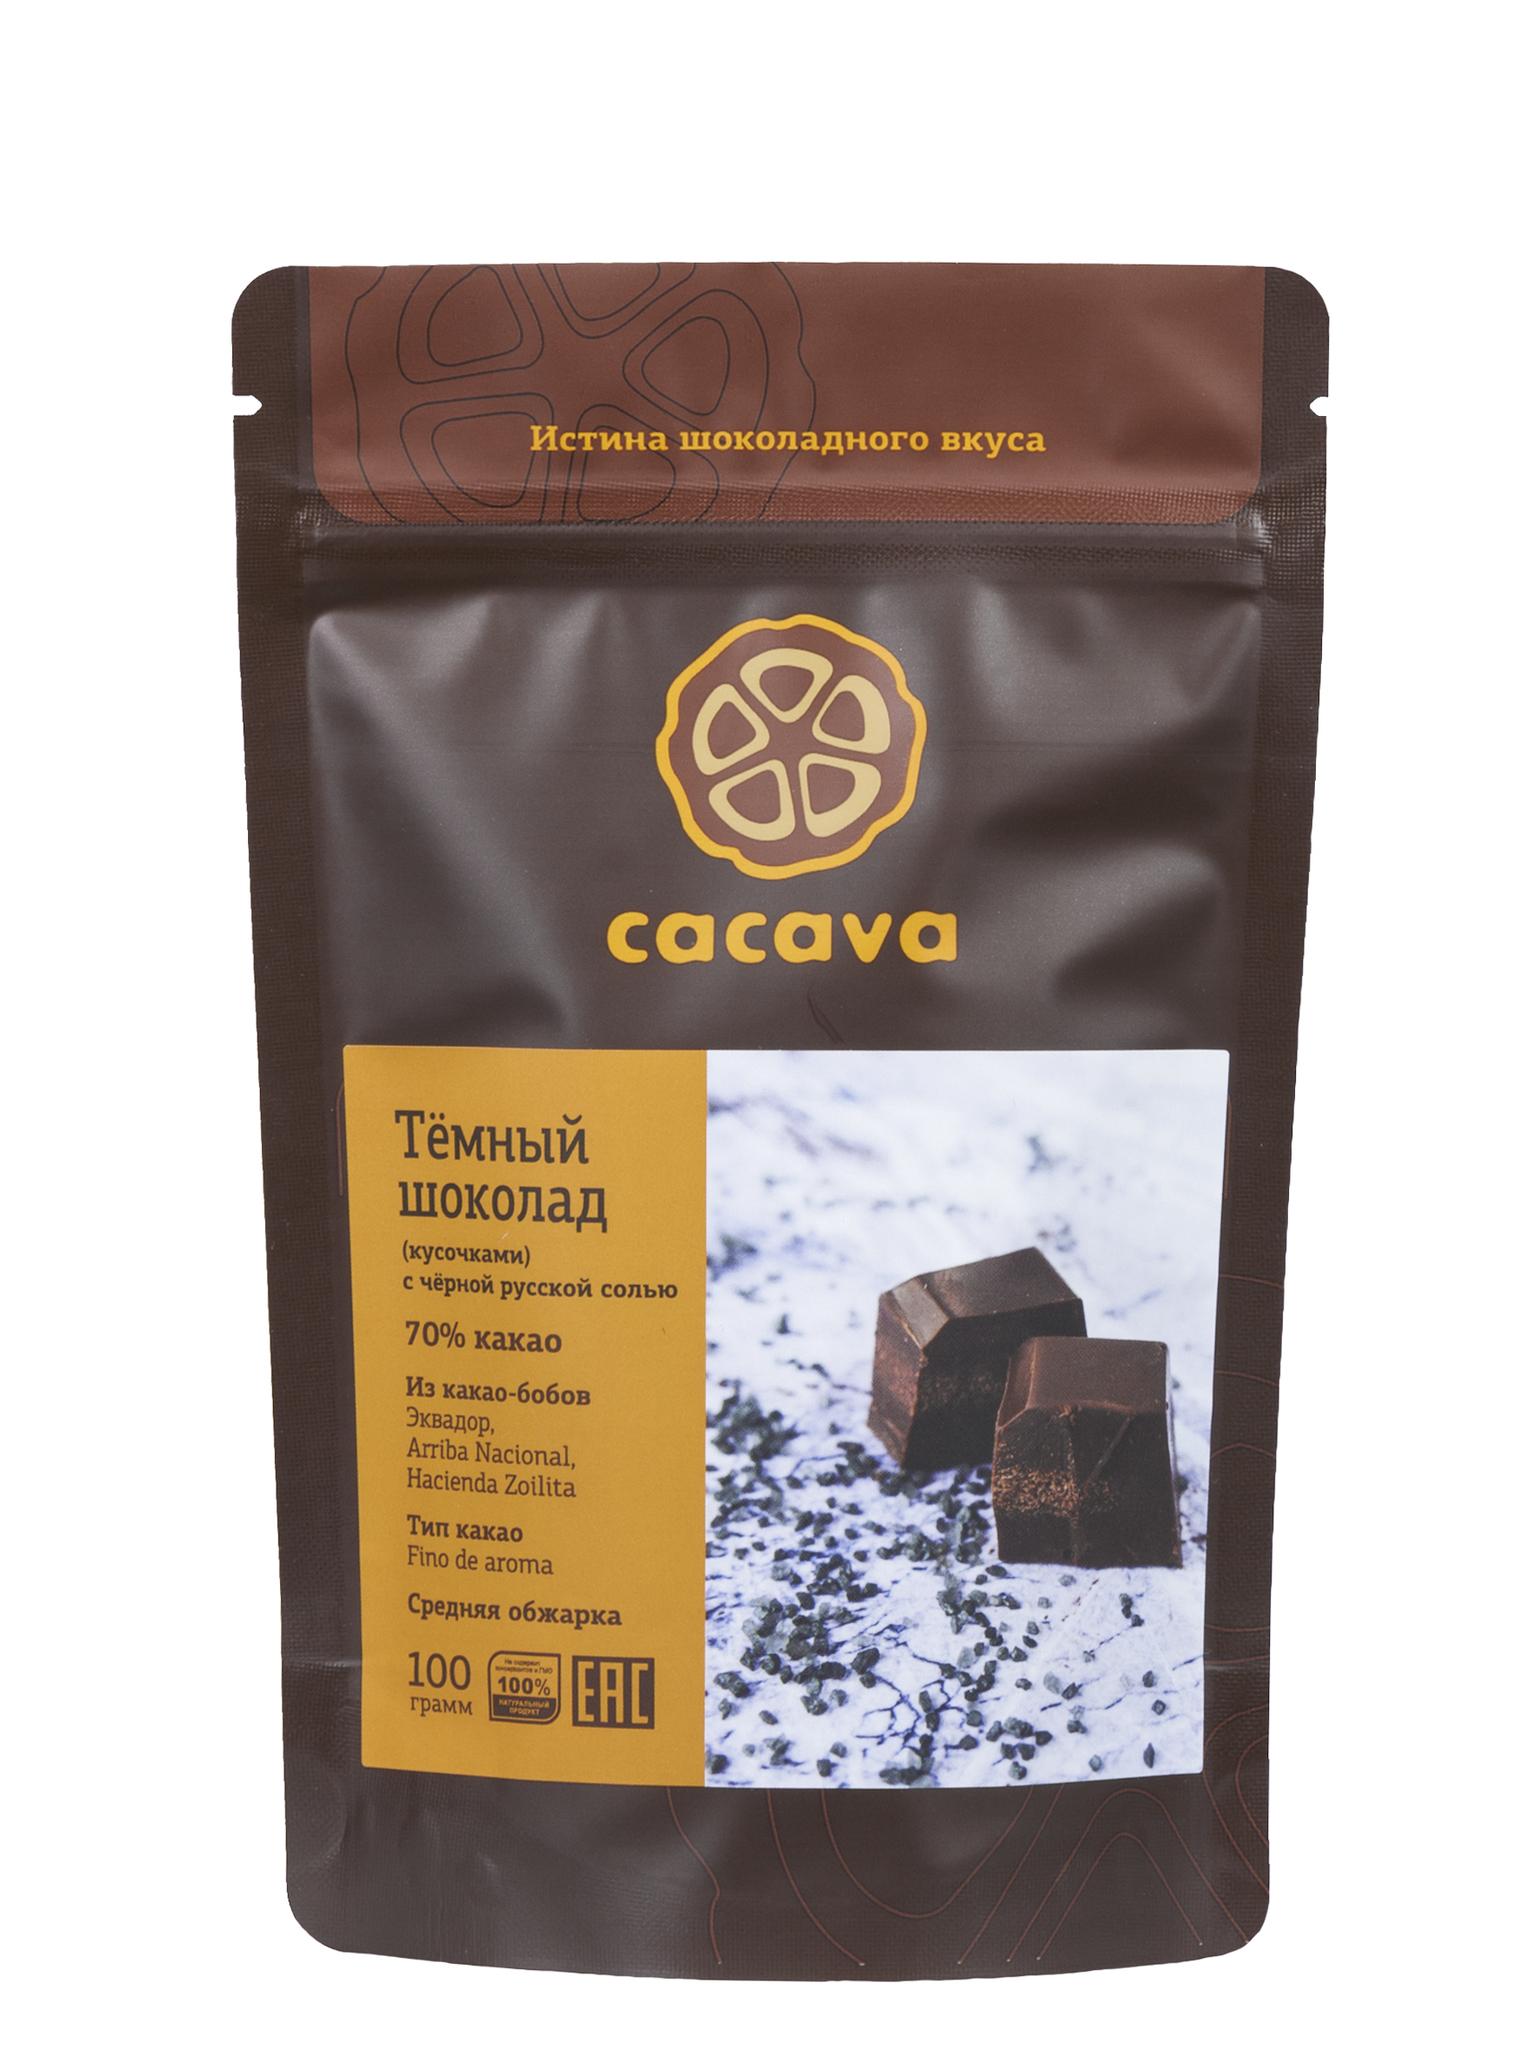 Тёмный шоколад с чёрной солью 70 % какао (Эквадор), упаковка 100 грамм